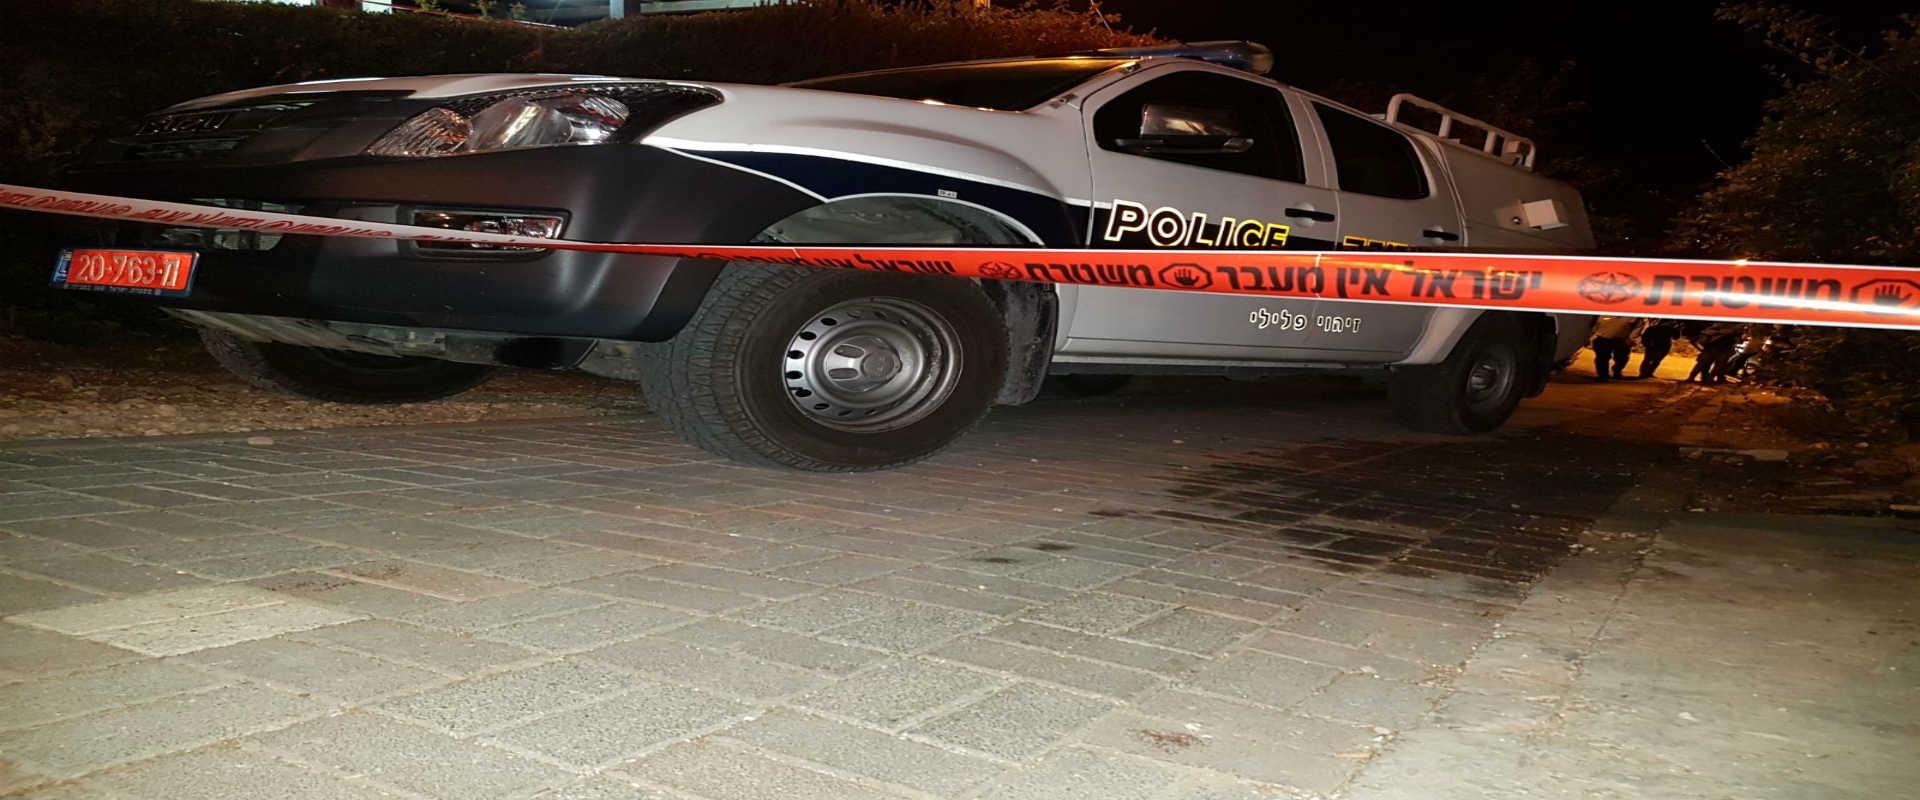 ניידת משטרה בזירת הפיגוע בהתנחלות חלמיש, הערב